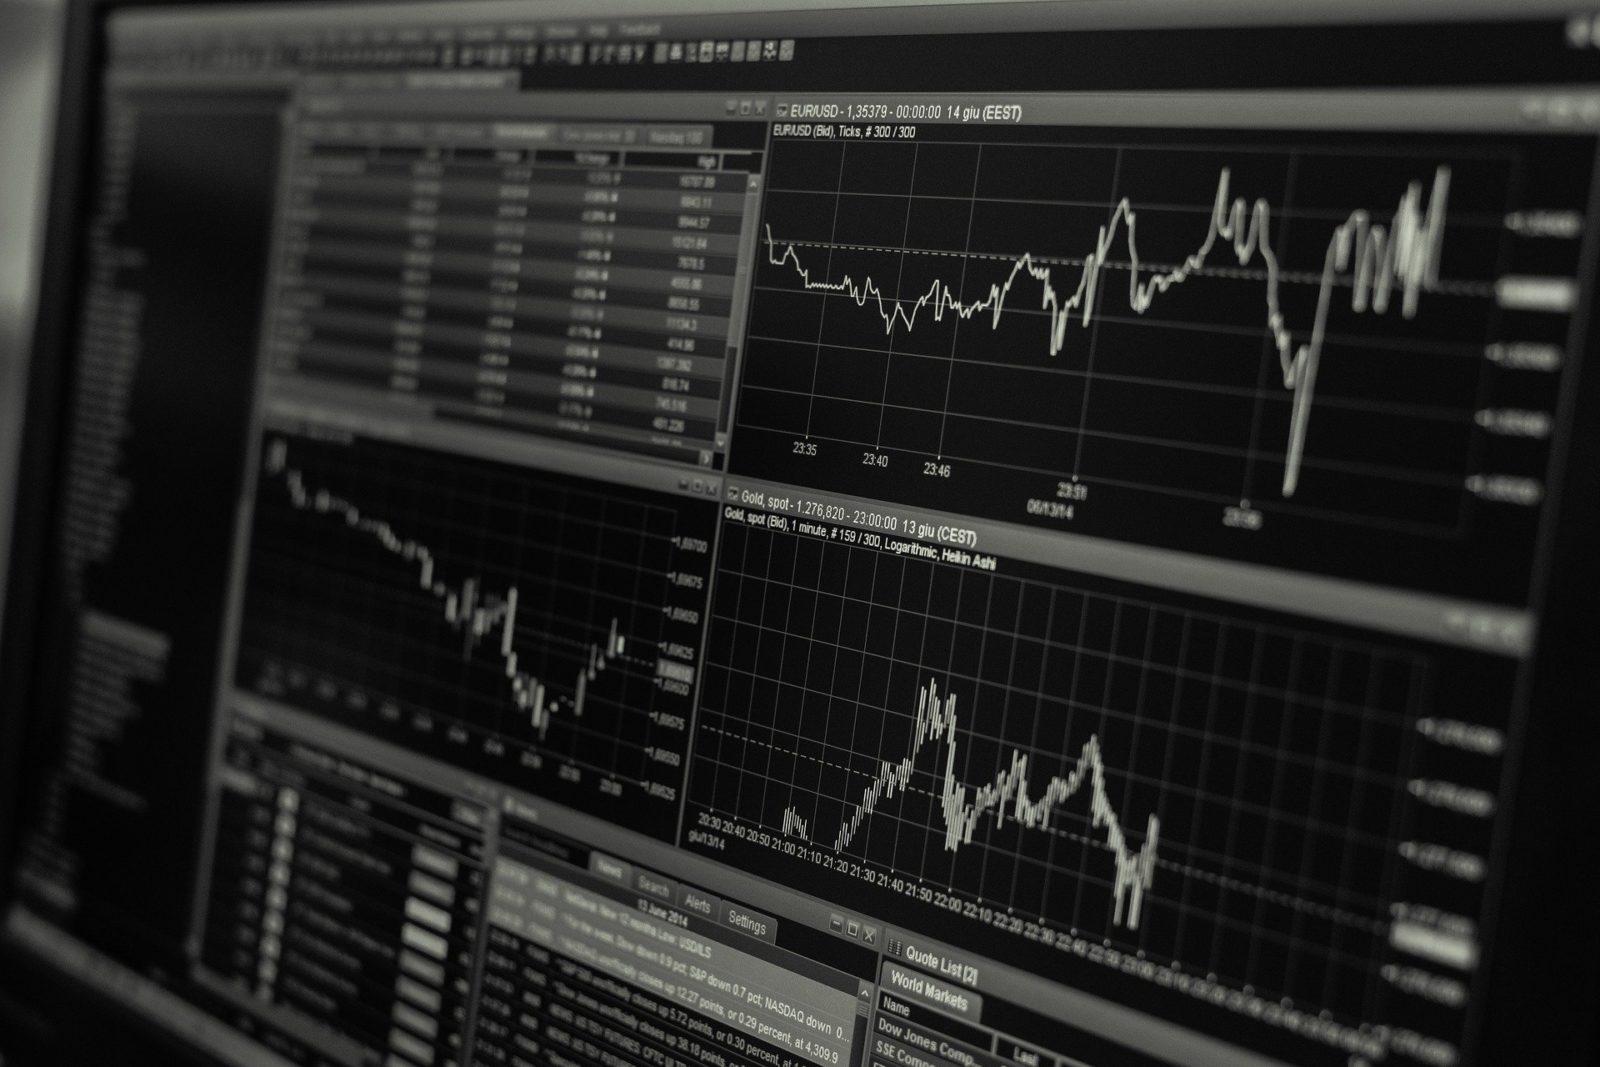 Stock Options | Dr. Chris Brummer Fintech Beat